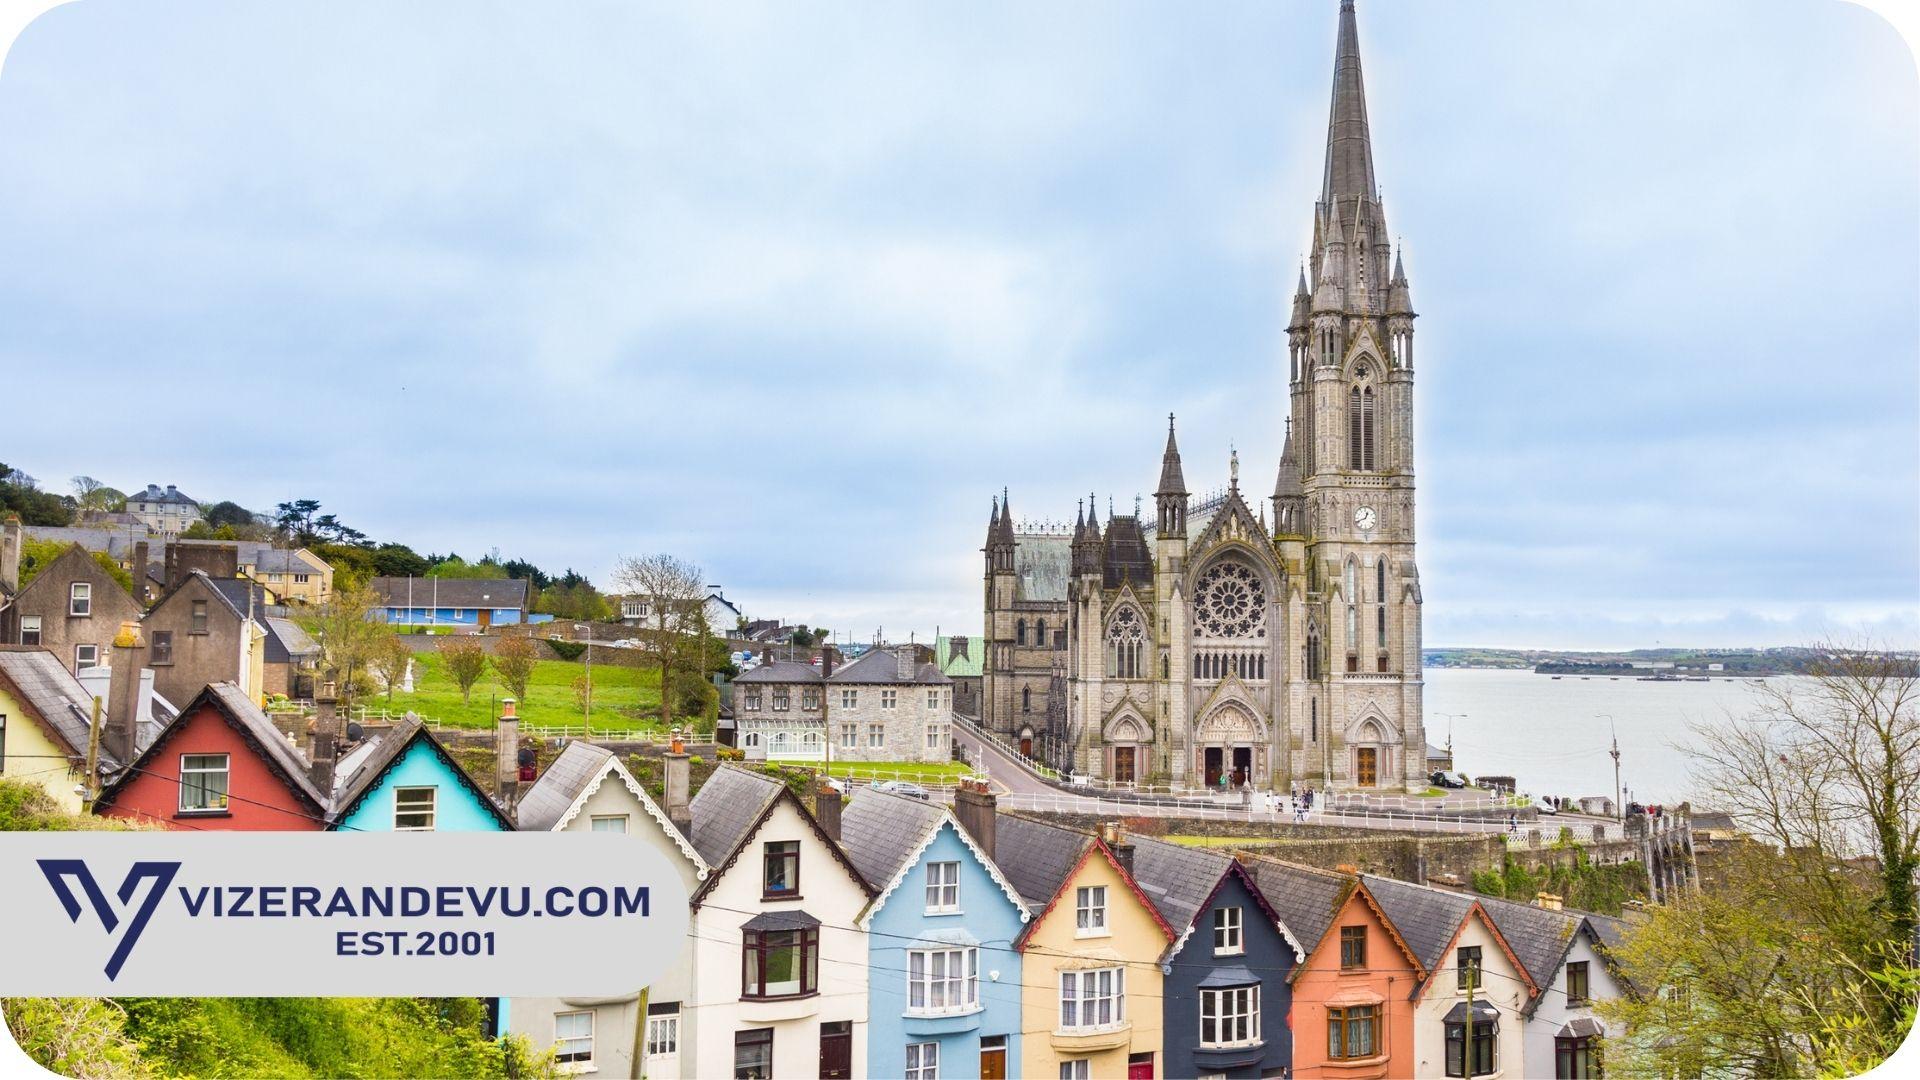 İrlanda İçin Uzun Süreli Vizeler Nelerdir? 2 – rlanda icin uzun sureli vizeler nelerdir 1 1